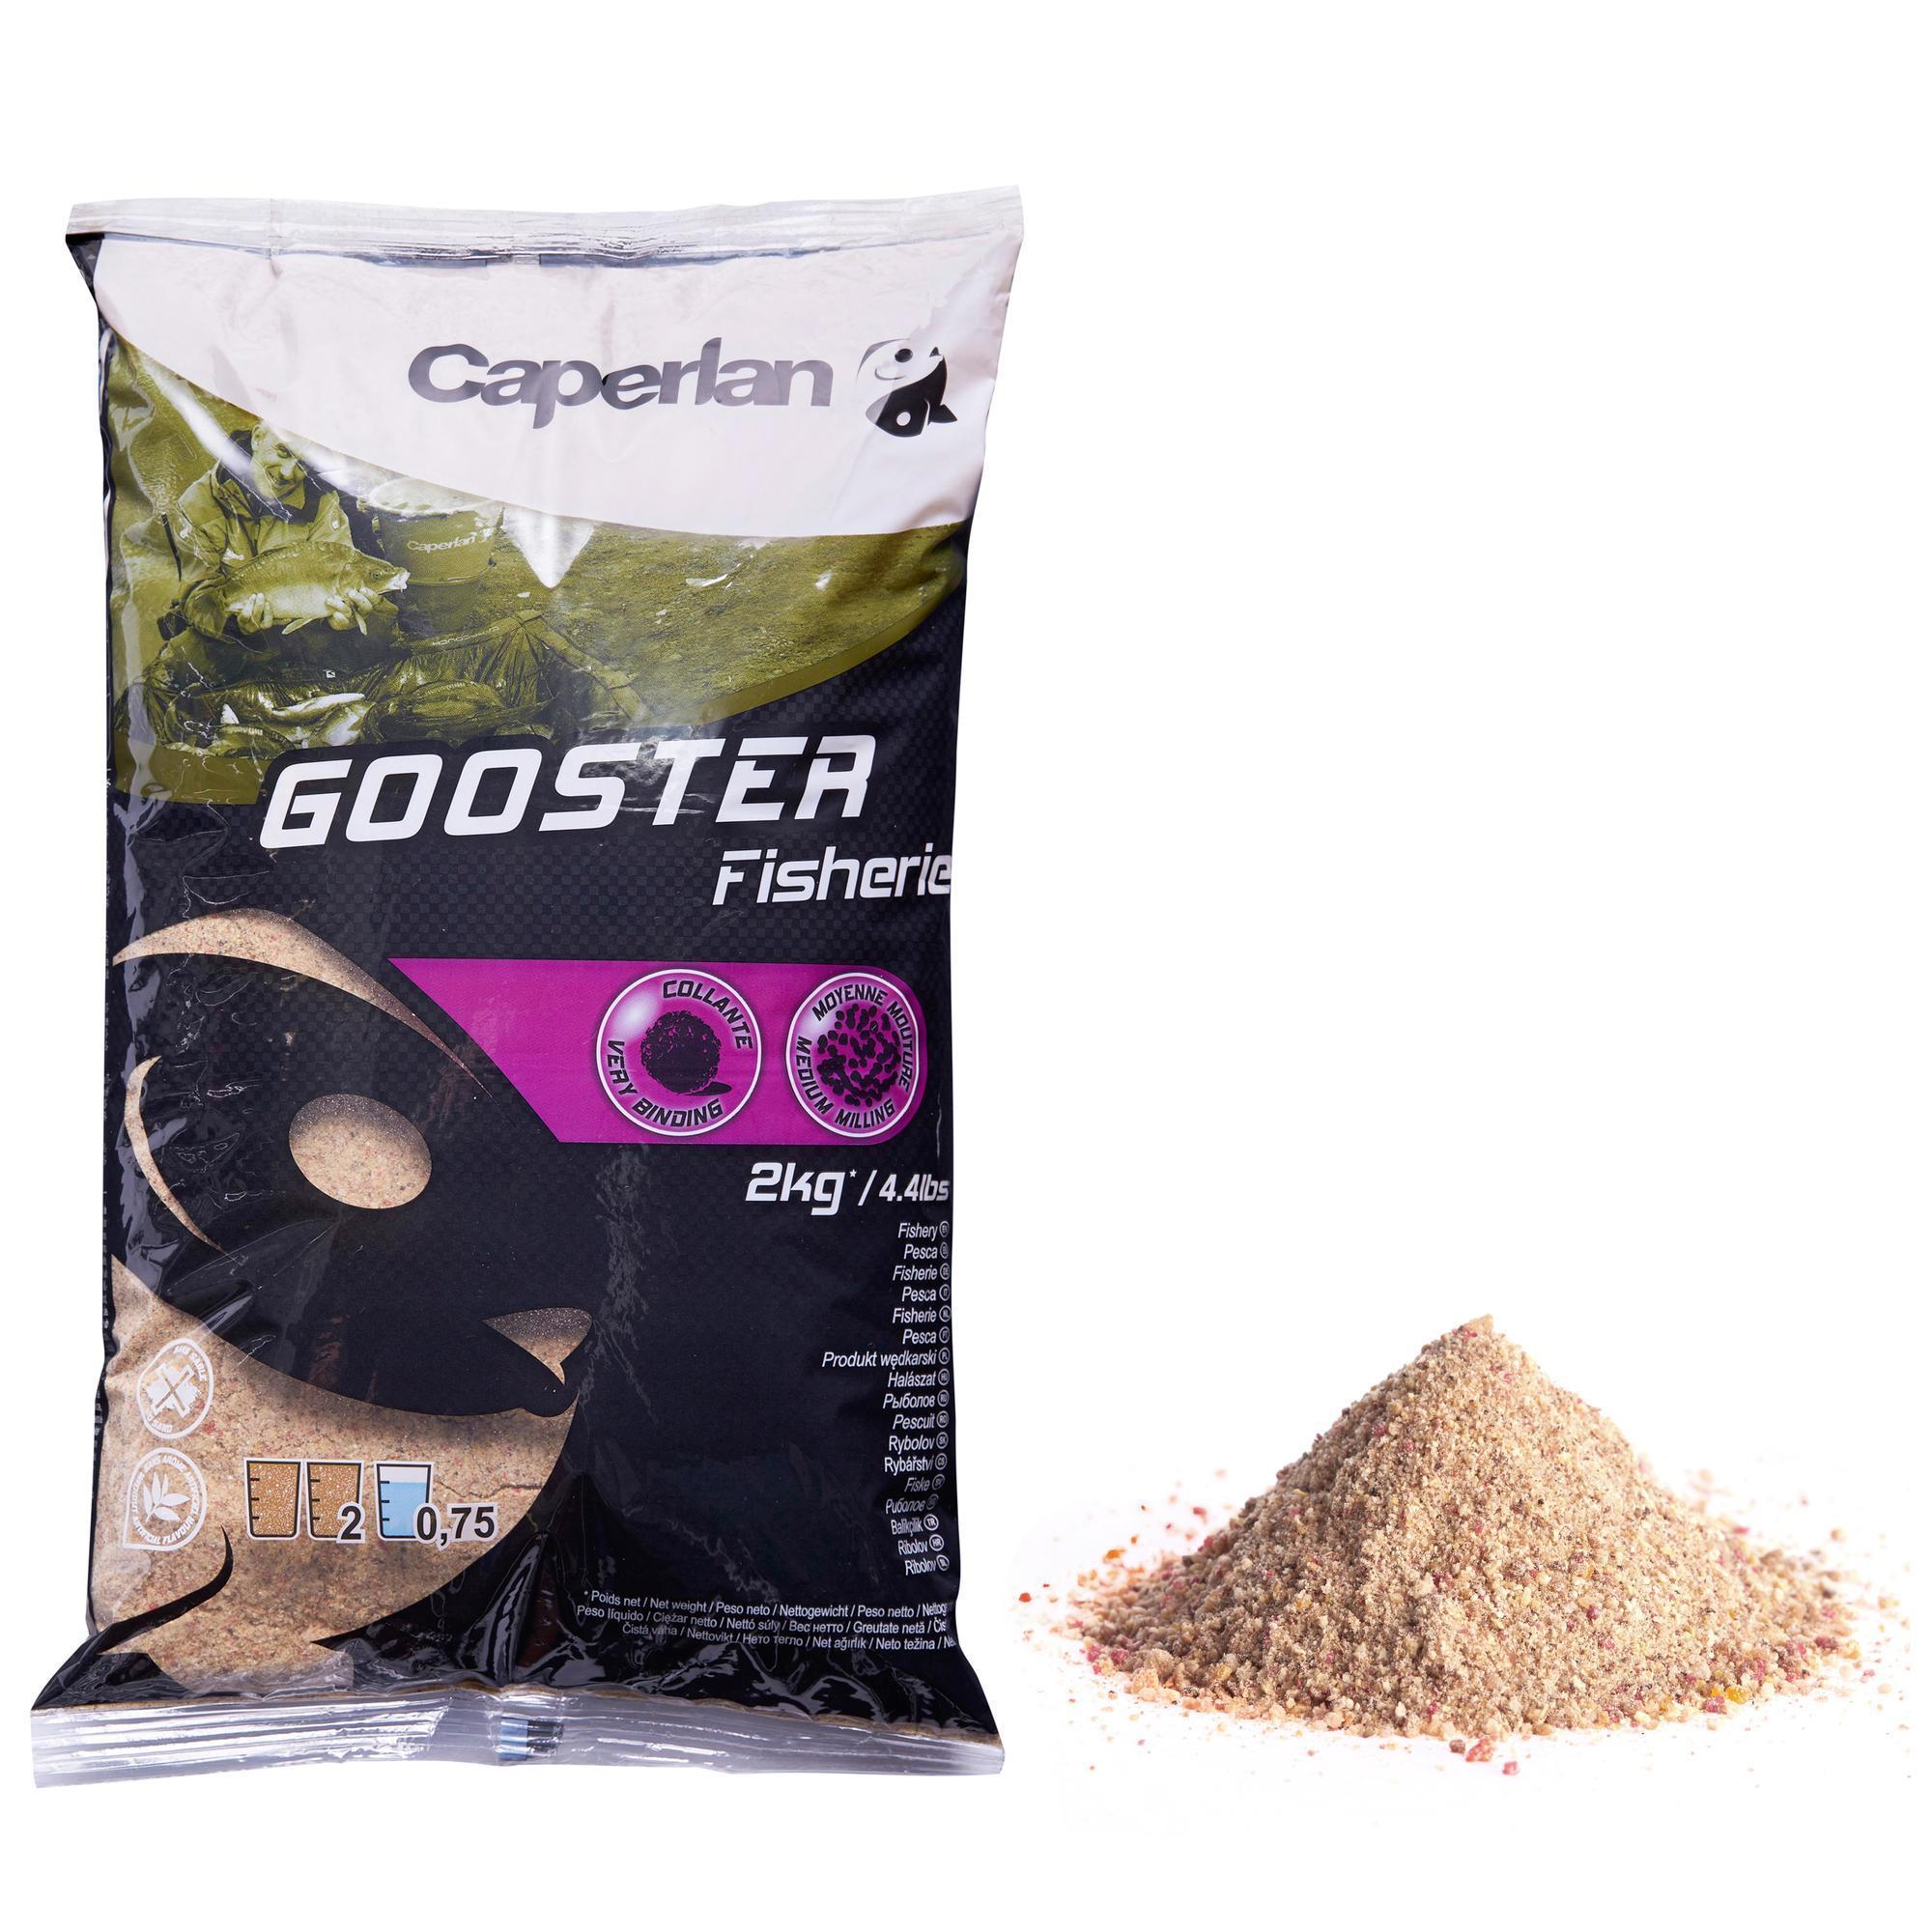 Caperlan Lokaas Gooster Fisherie 2 kg